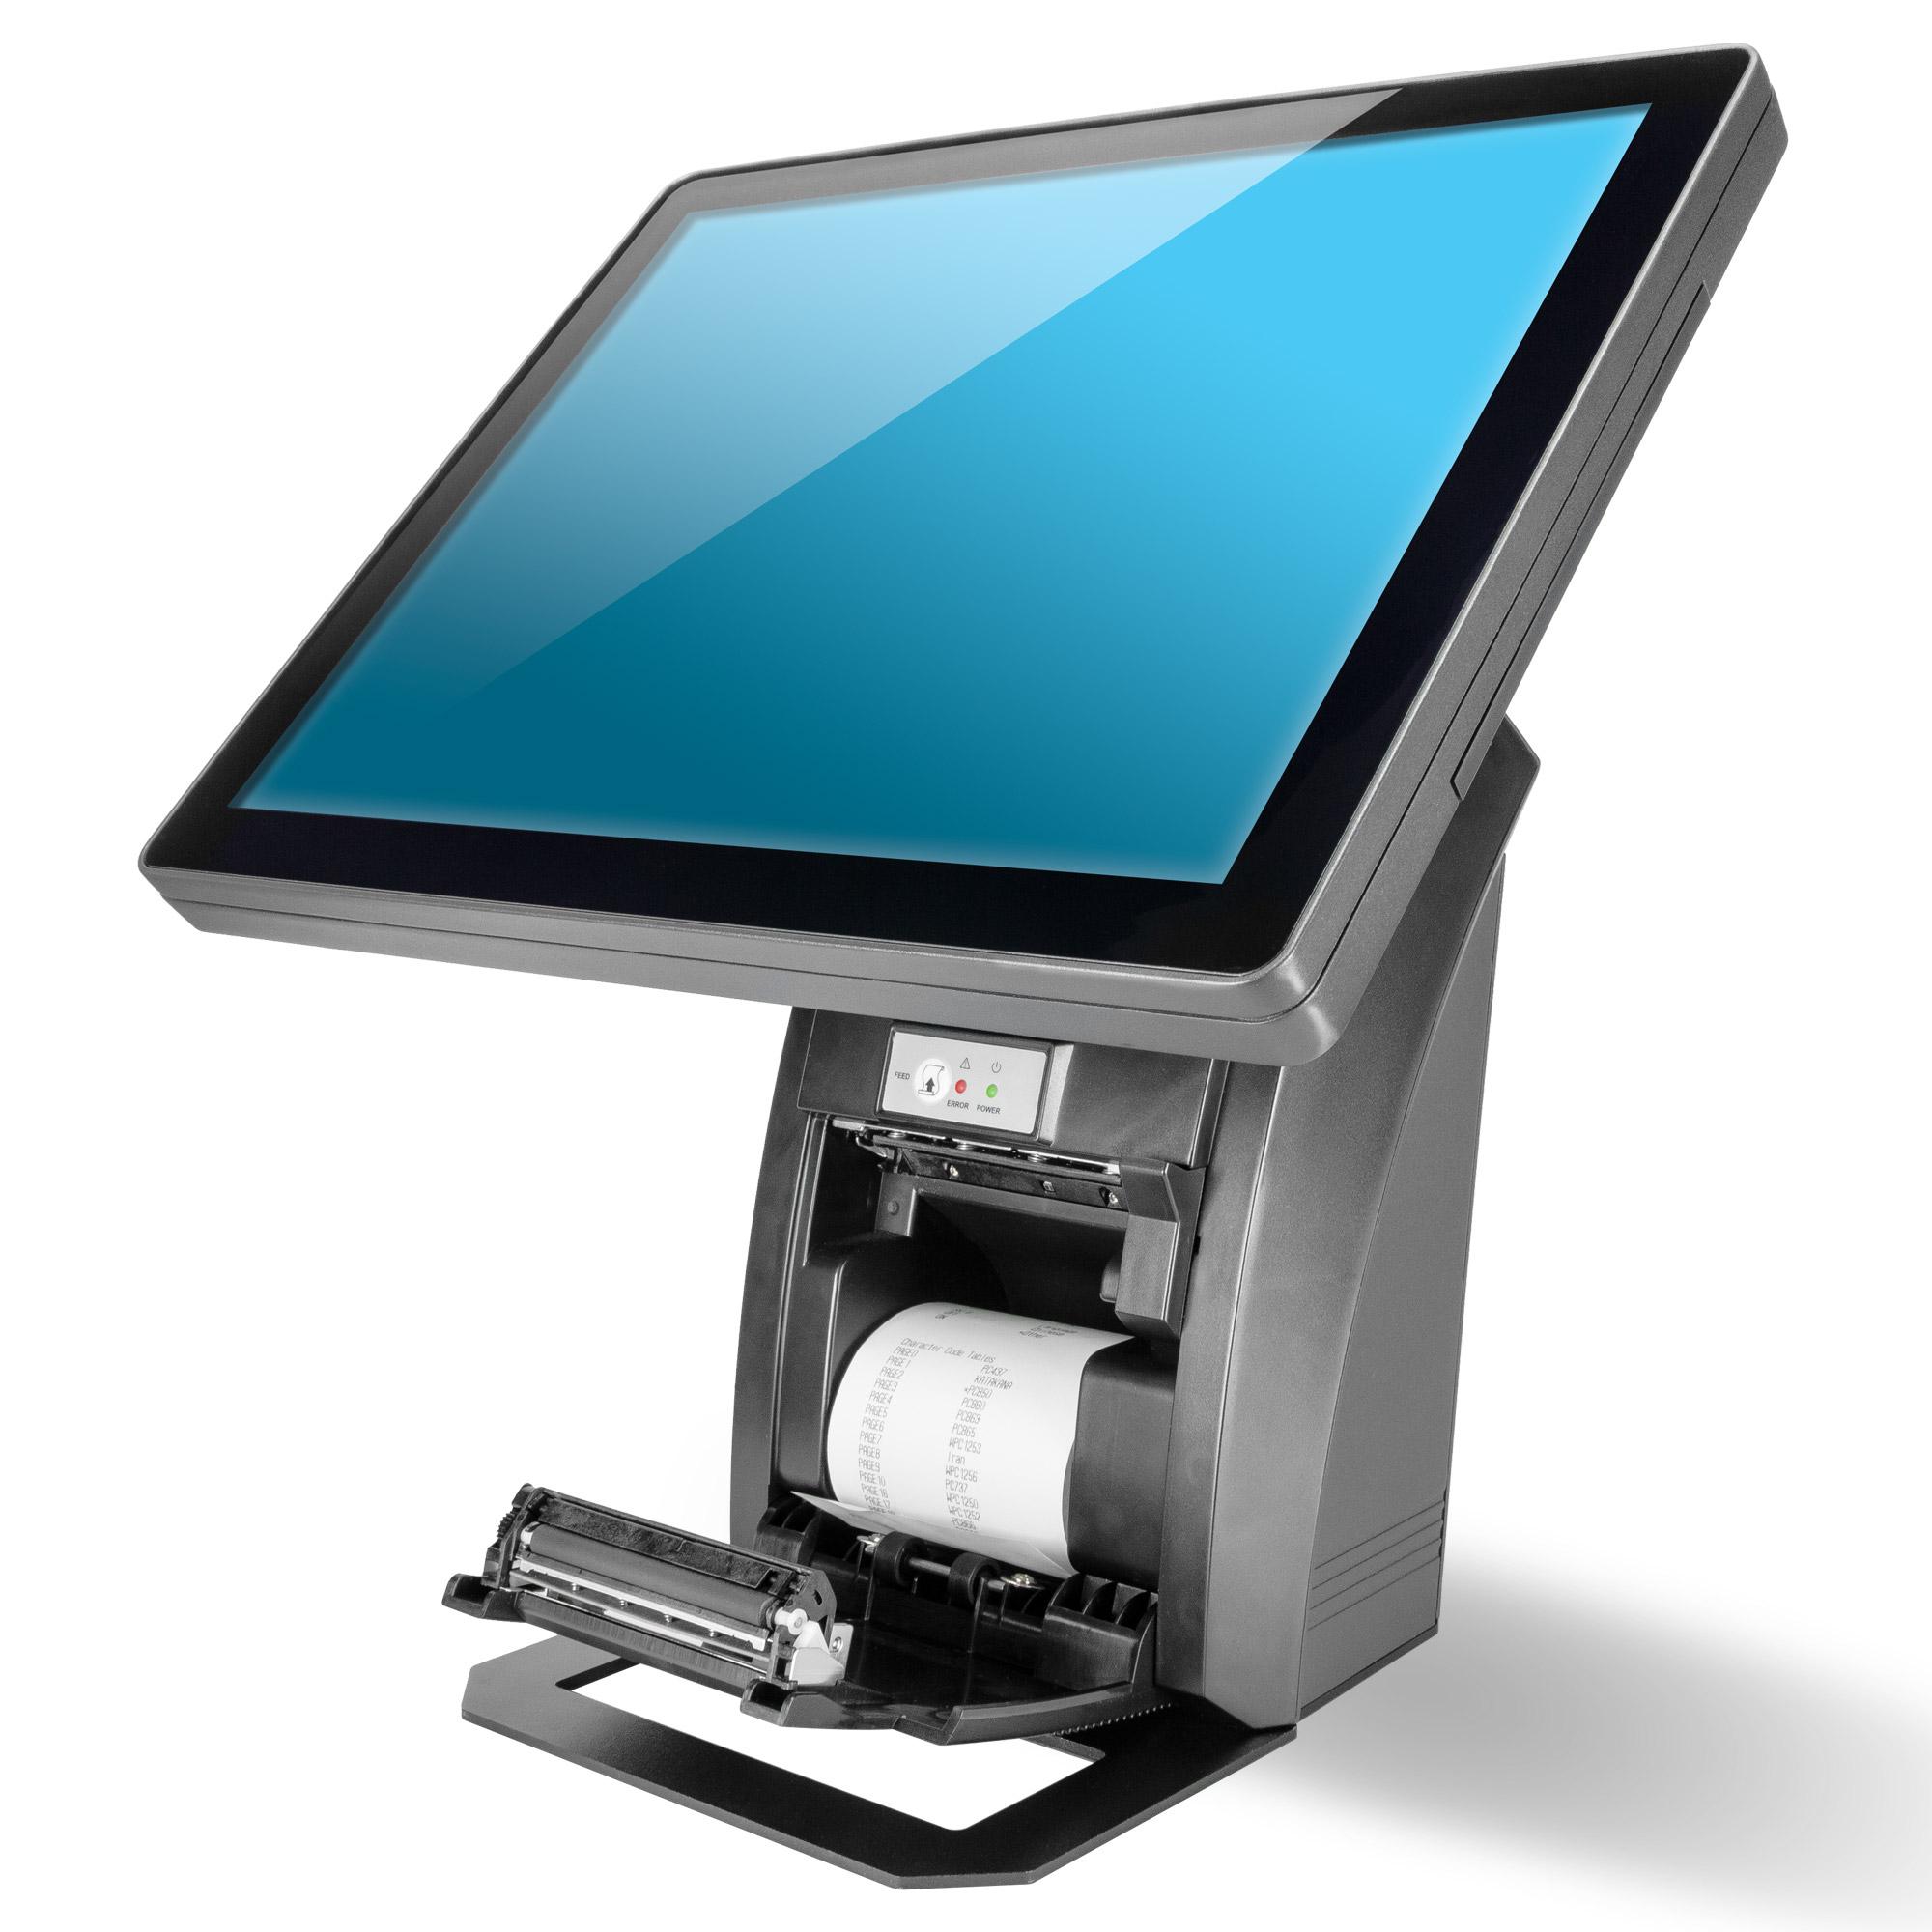 Kassensysteme, Kassensystem, Kassenhardware, E+S Kassensysteme